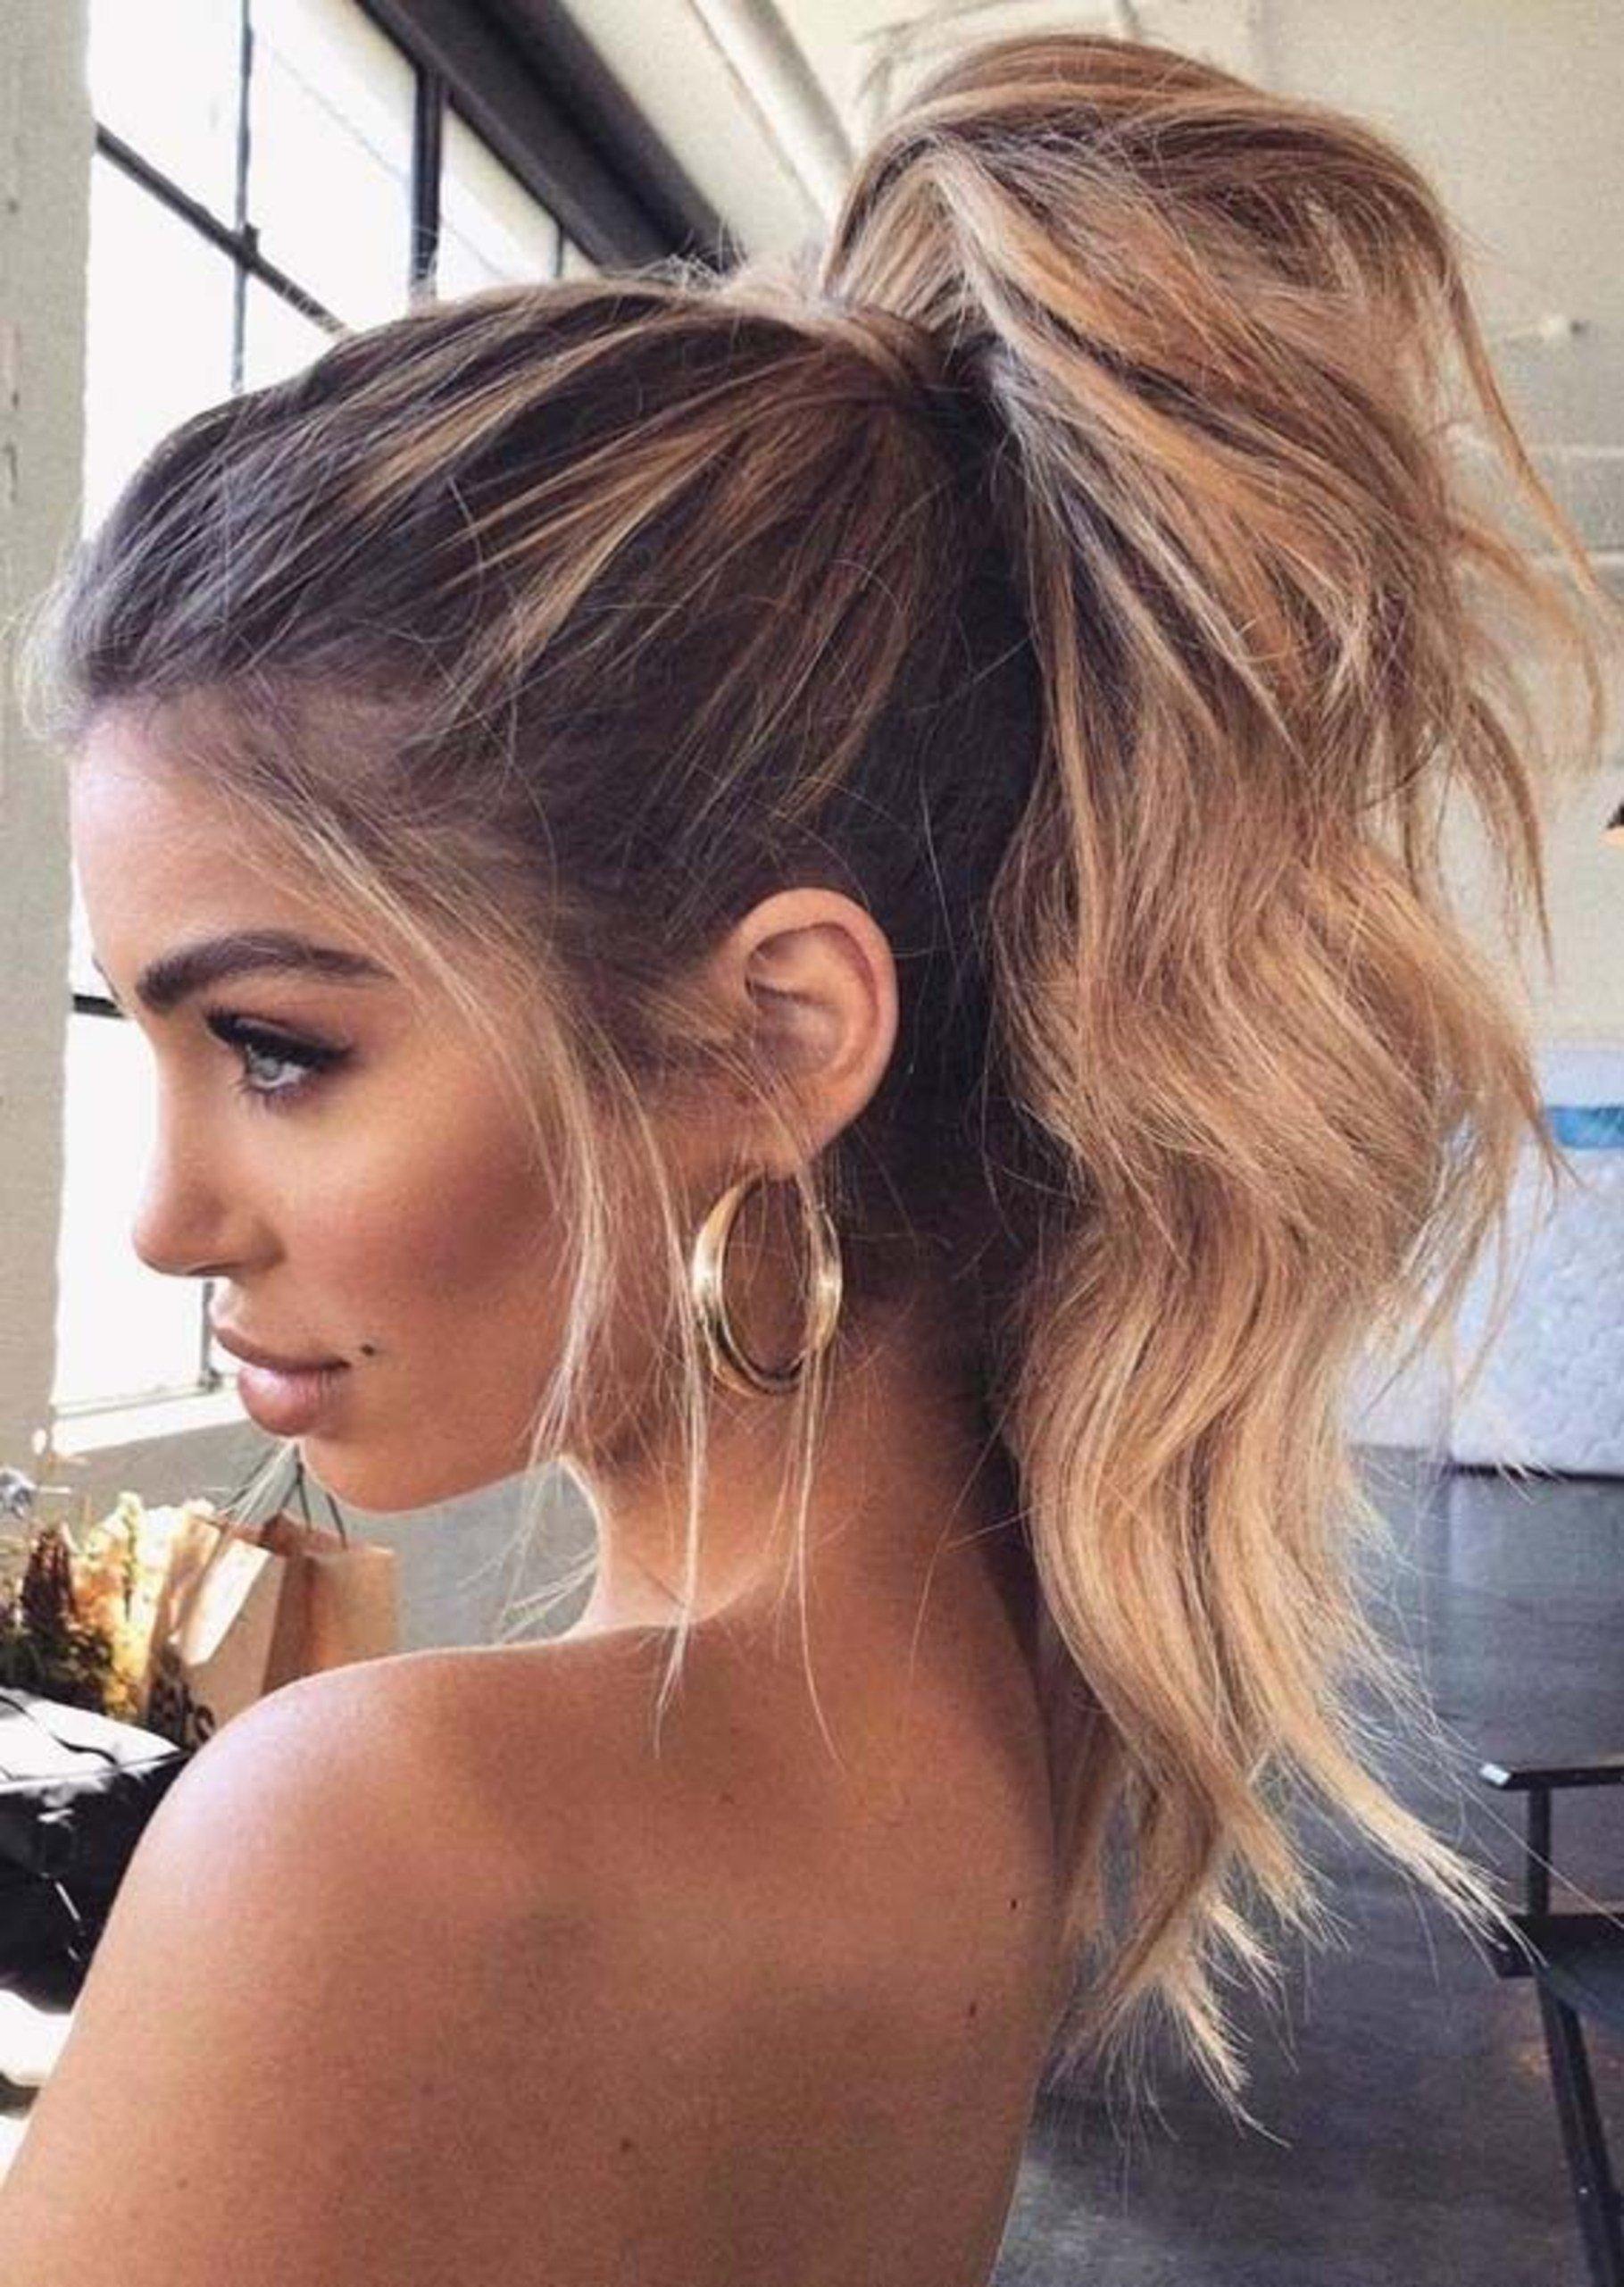 Clásico y sencillo peinados con coletas altas Imagen de cortes de pelo tutoriales - 15 Peinados con cola de caballo que harás en 15 minutos